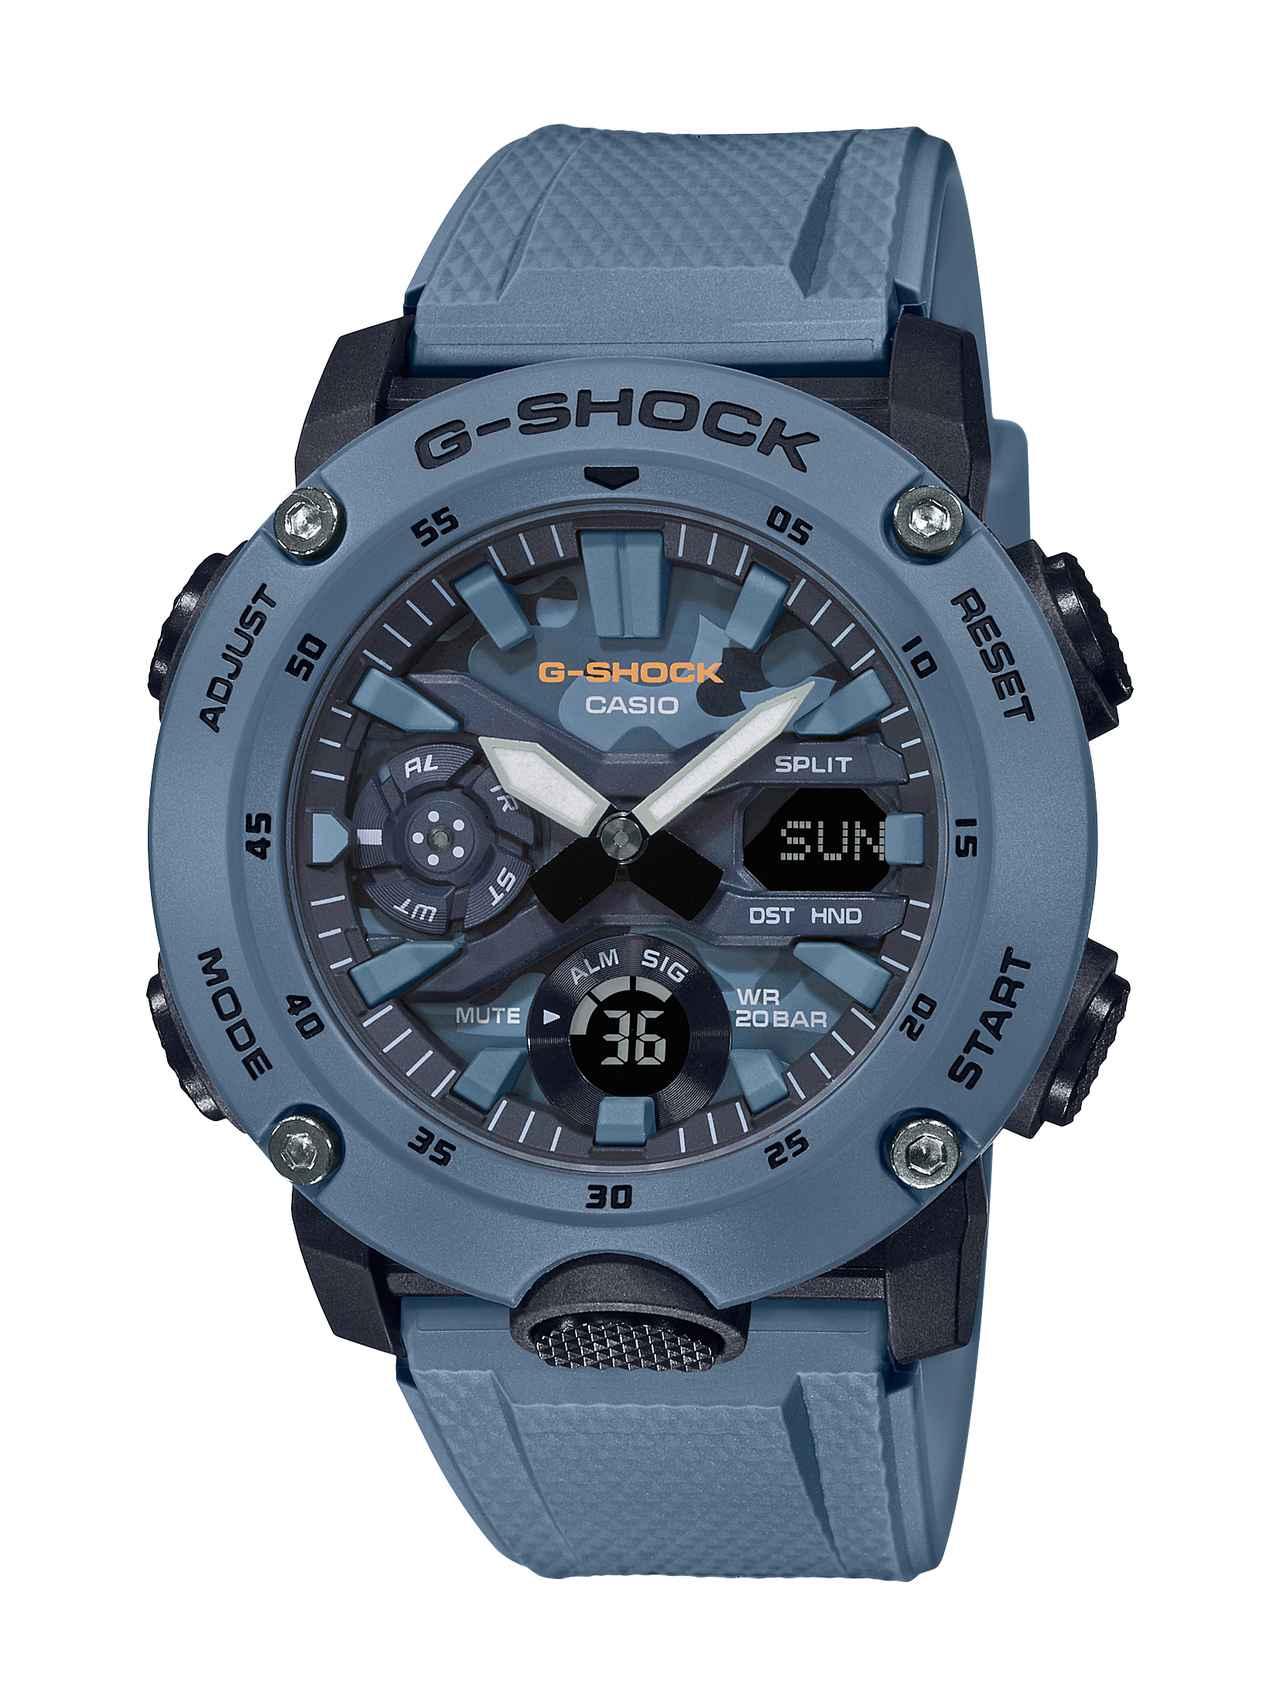 画像7: カーボンコアガード構造を採用したG-SHOCK「GA-2000」シリーズに、迷彩色のニューモデルが登場!